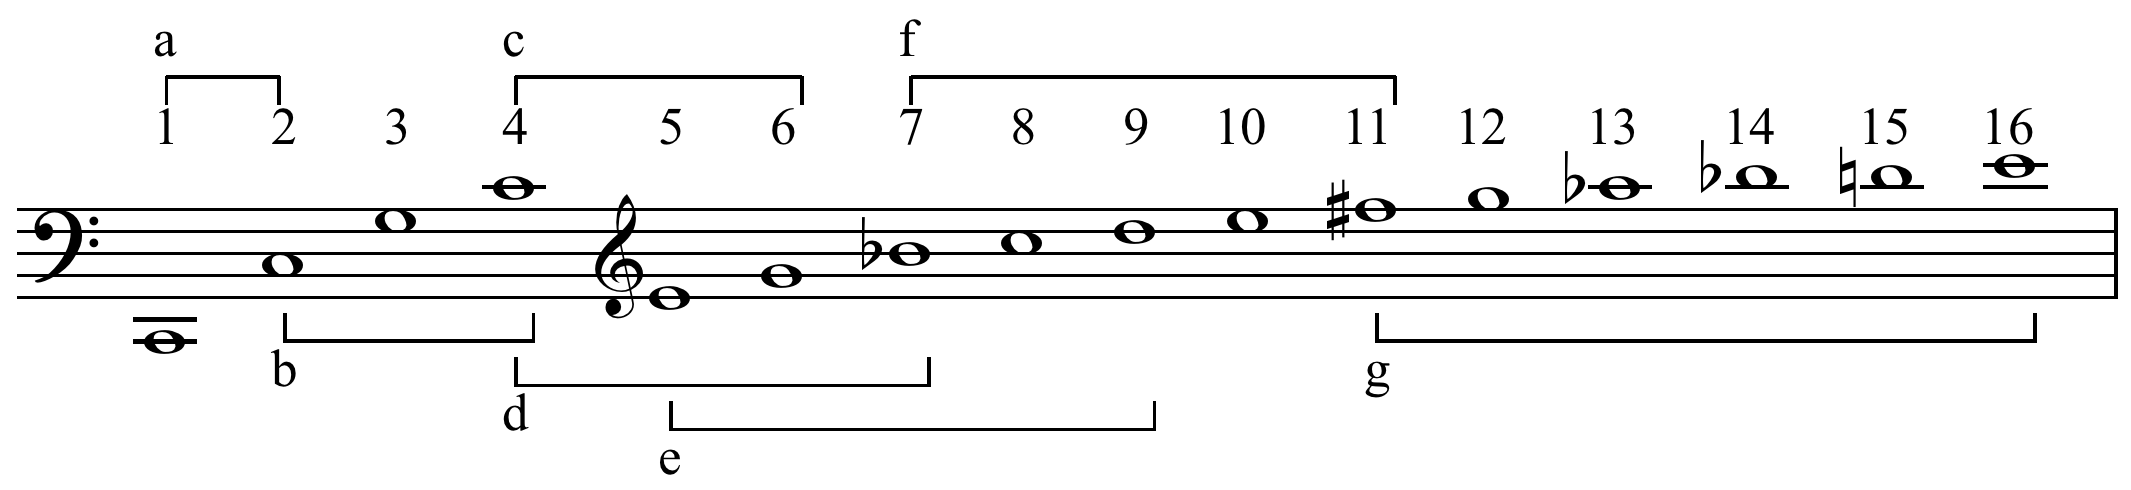 Overtone Series